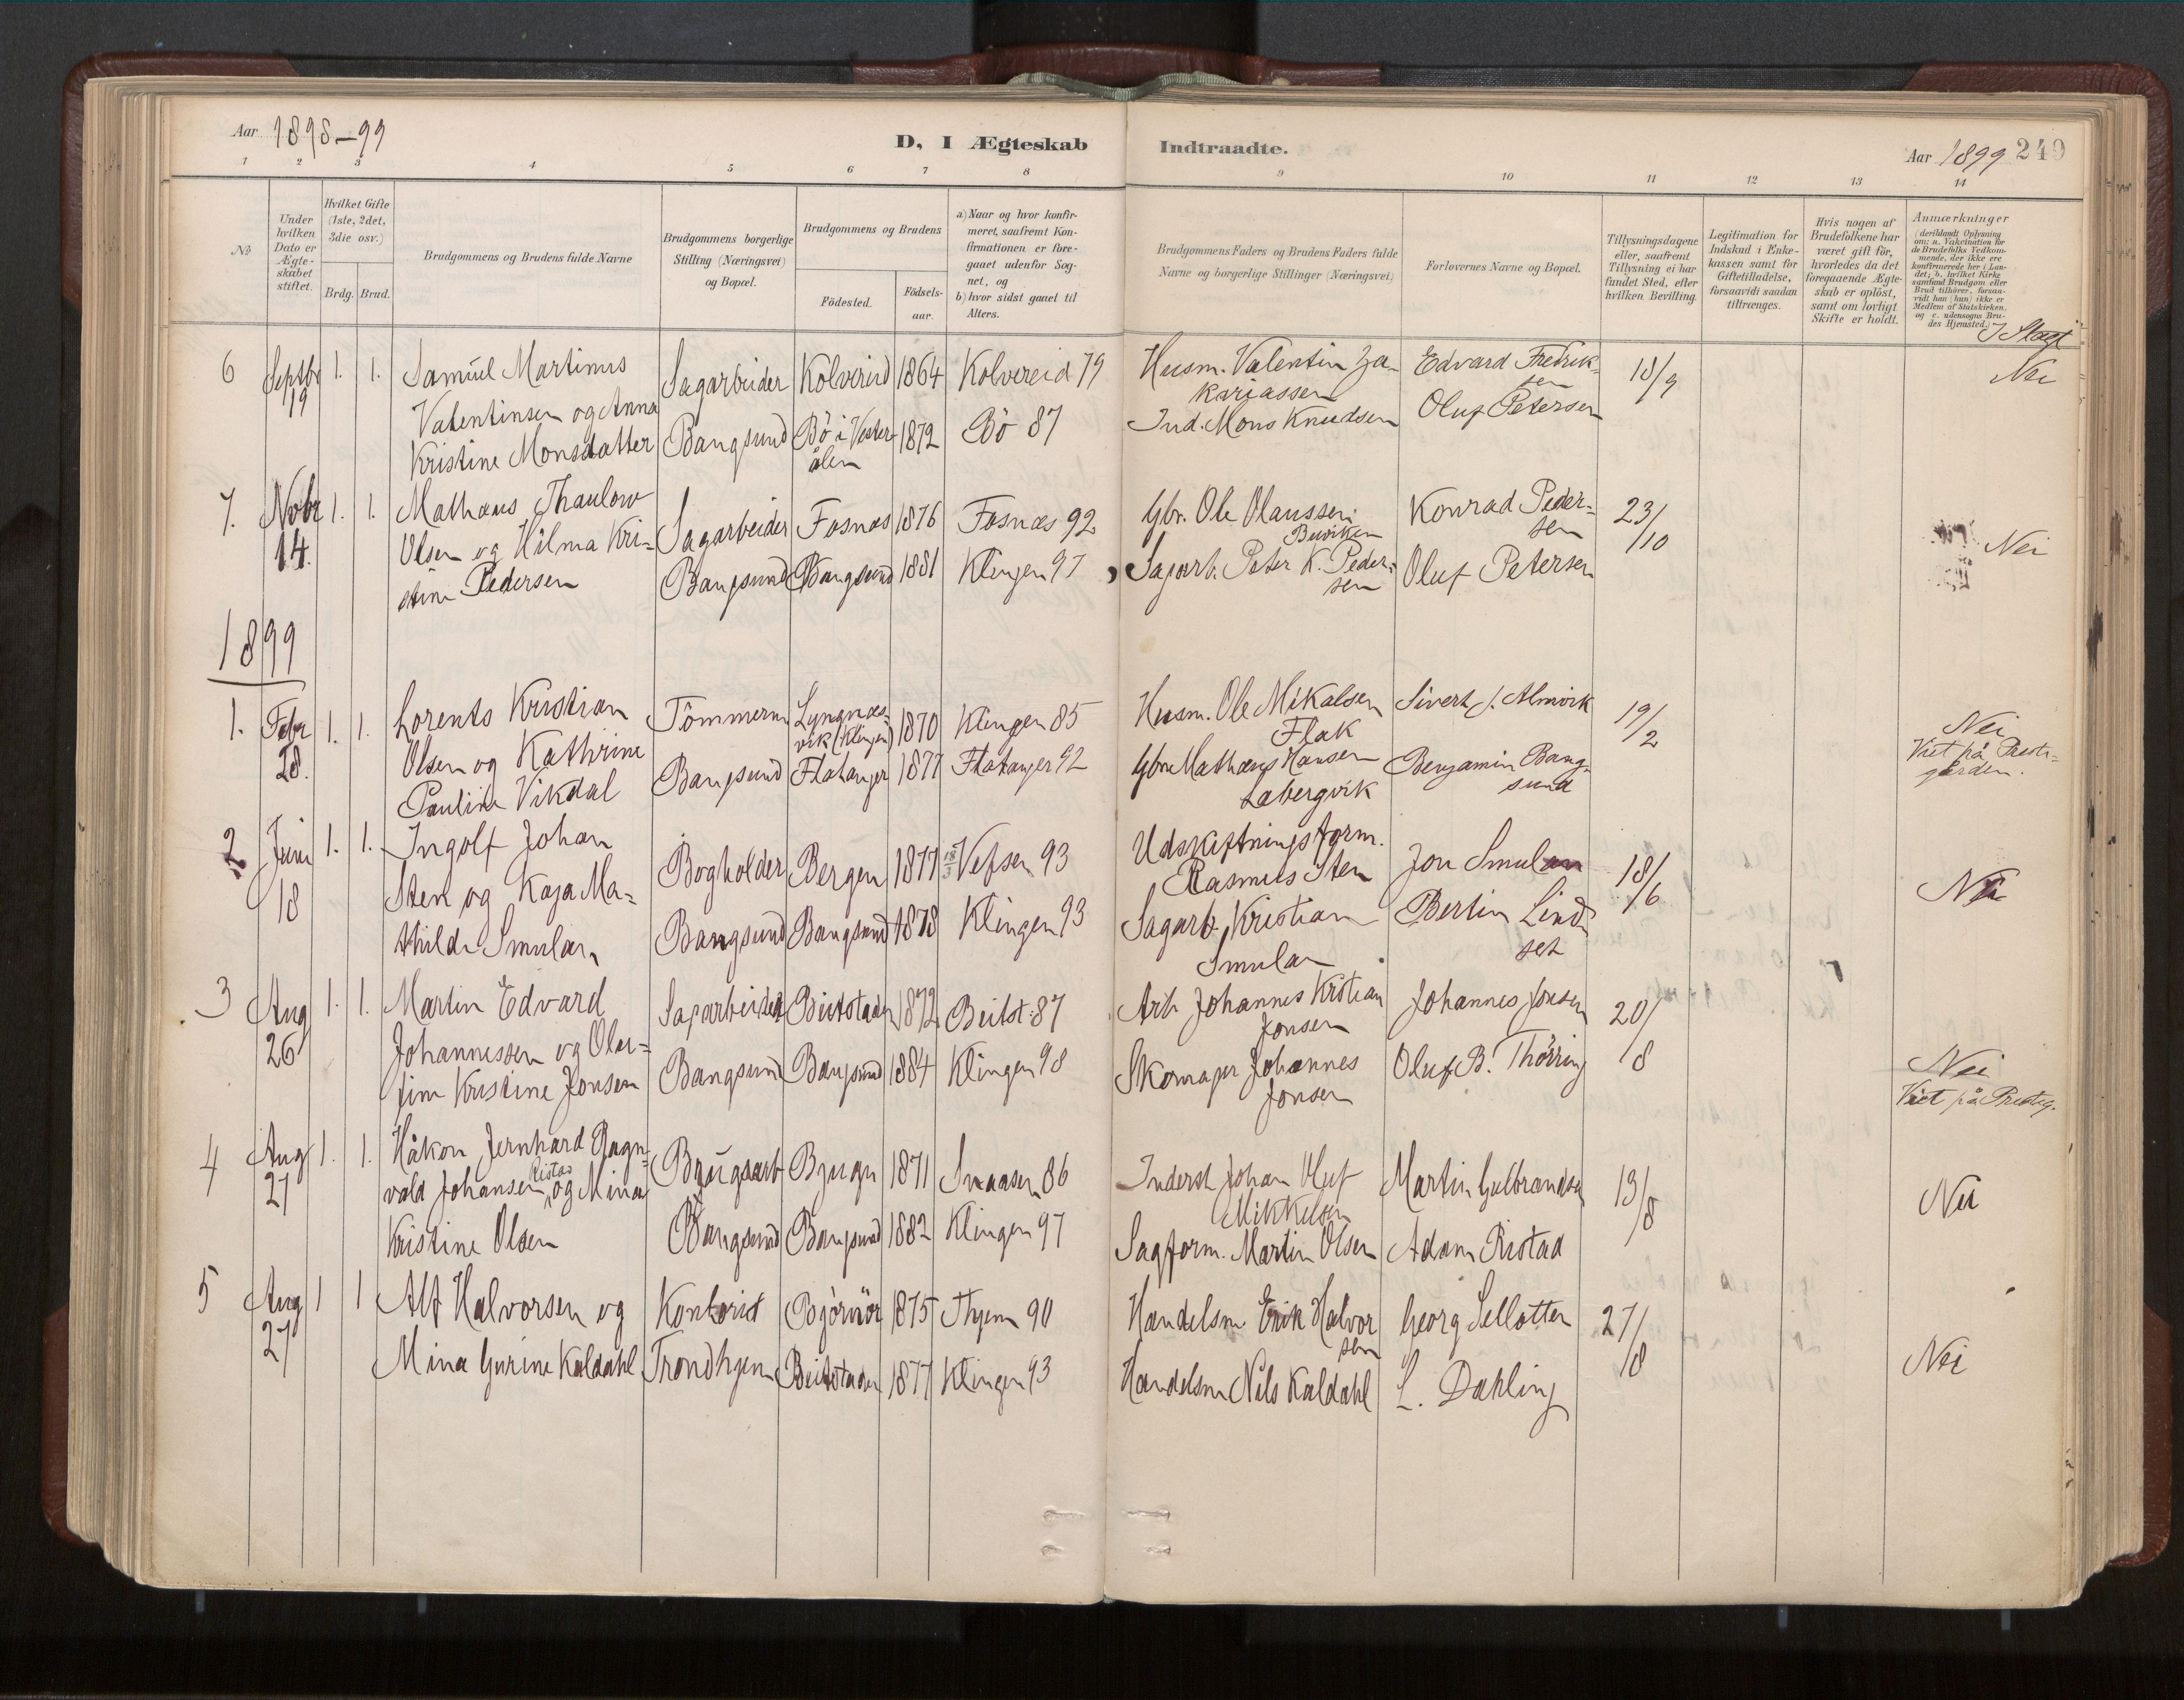 SAT, Ministerialprotokoller, klokkerbøker og fødselsregistre - Nord-Trøndelag, 770/L0589: Ministerialbok nr. 770A03, 1887-1929, s. 249